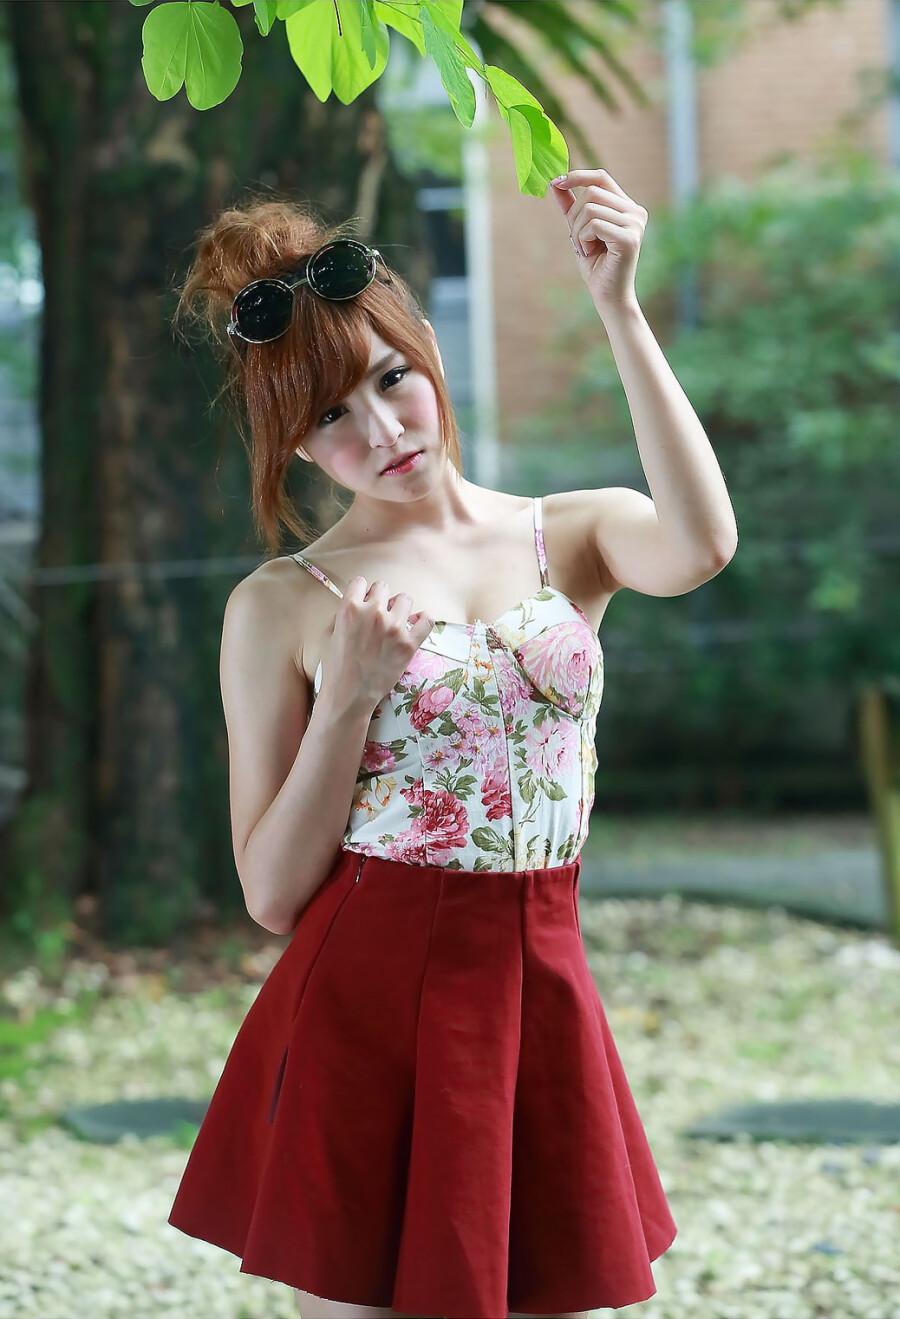 【时尚性感欣赏篇】人见人爱--迷人清纯美女 第39辑 - 浪漫人生 - .